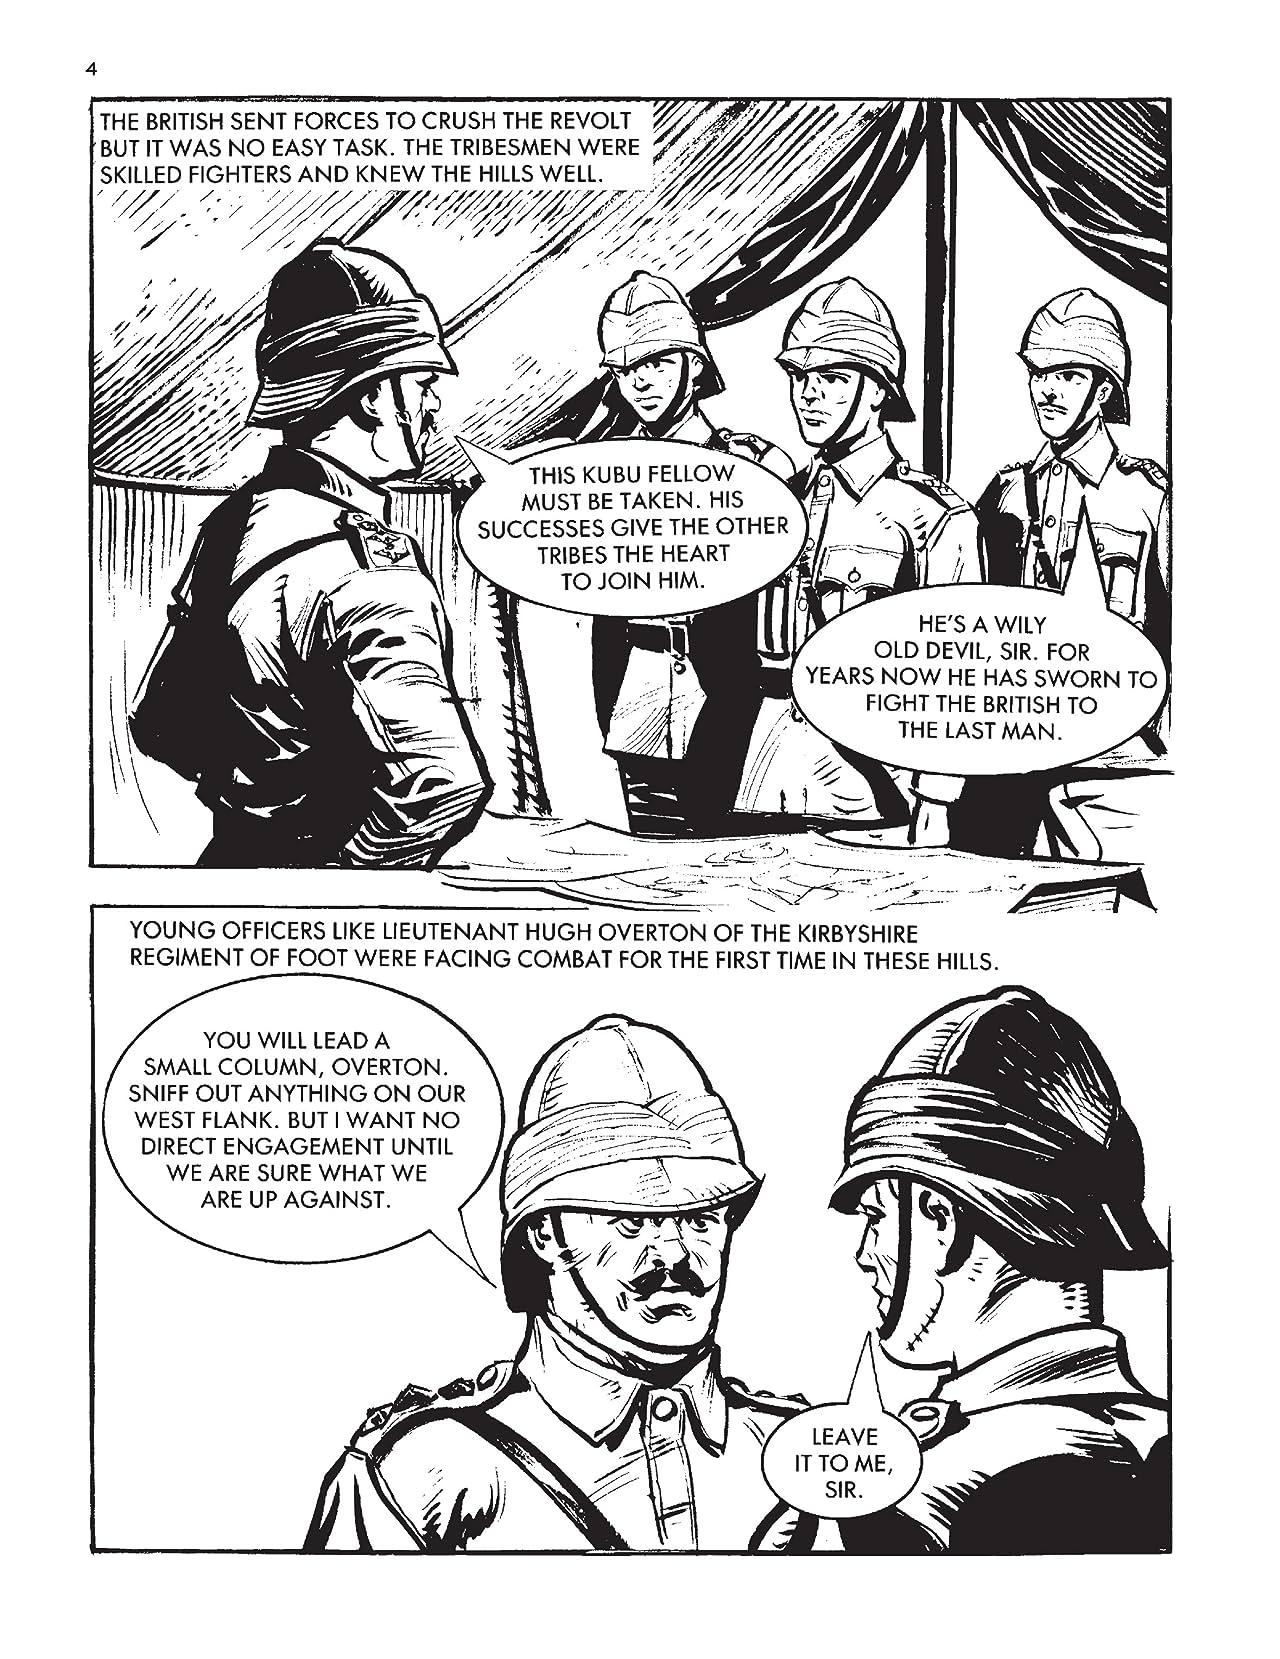 Commando #4902: Branded A Coward